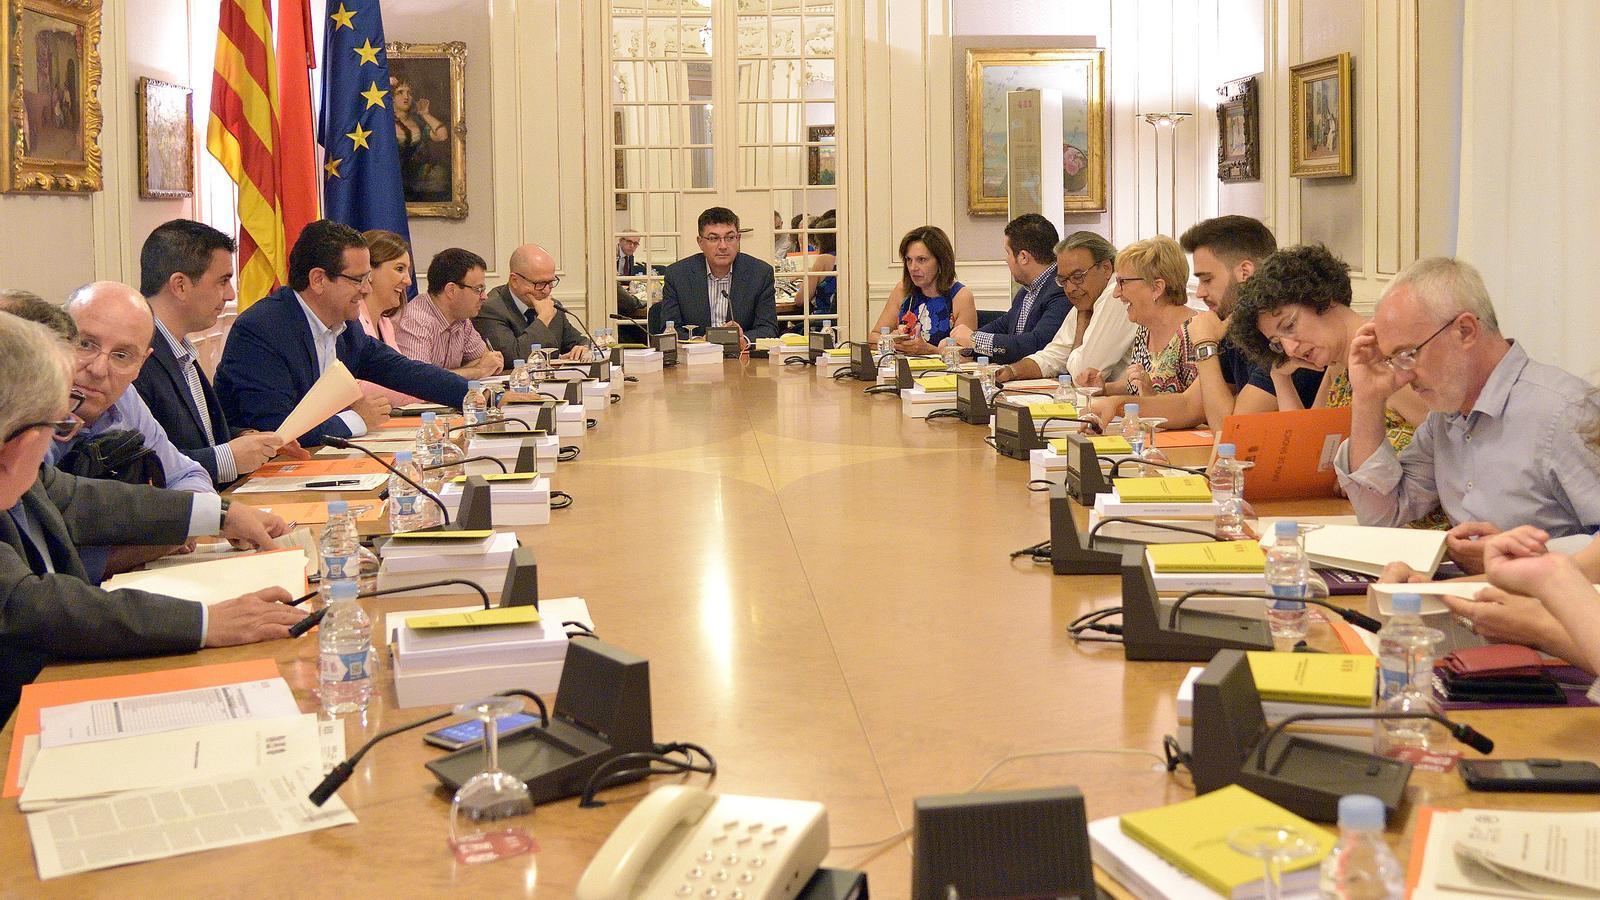 Tots els grups parlamentaris menys el PP han demanat la retirada de l'ordre del dia del ple l'elecció dels membres del consell rector de la nova radiotelevisió valenciana.